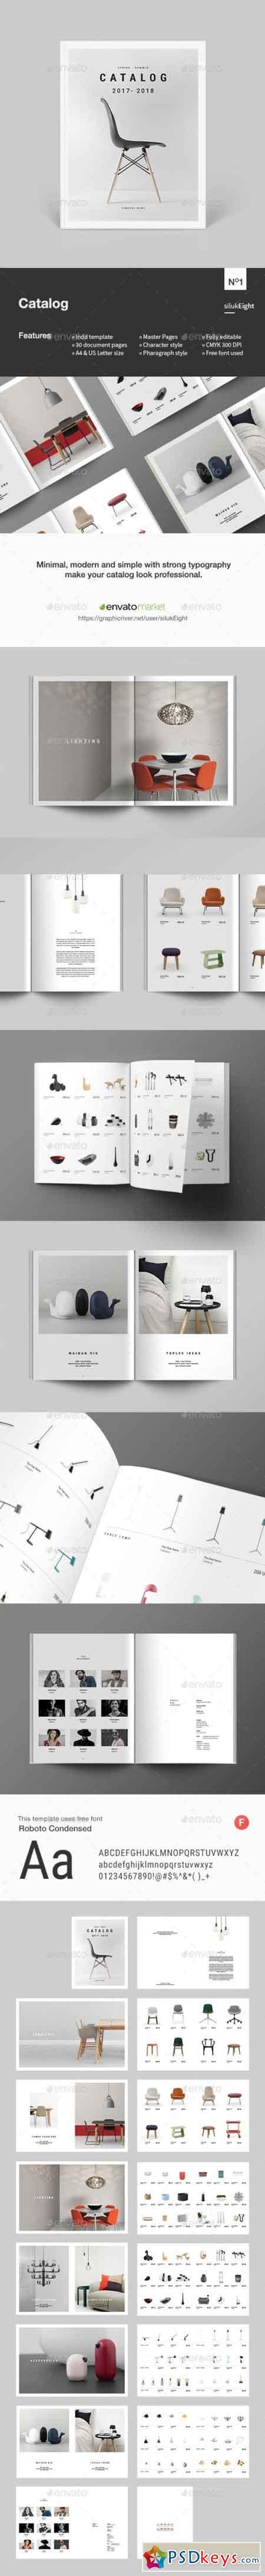 Atractivo Plantilla De Catálogo Adobe Indesign Colección de Imágenes ...